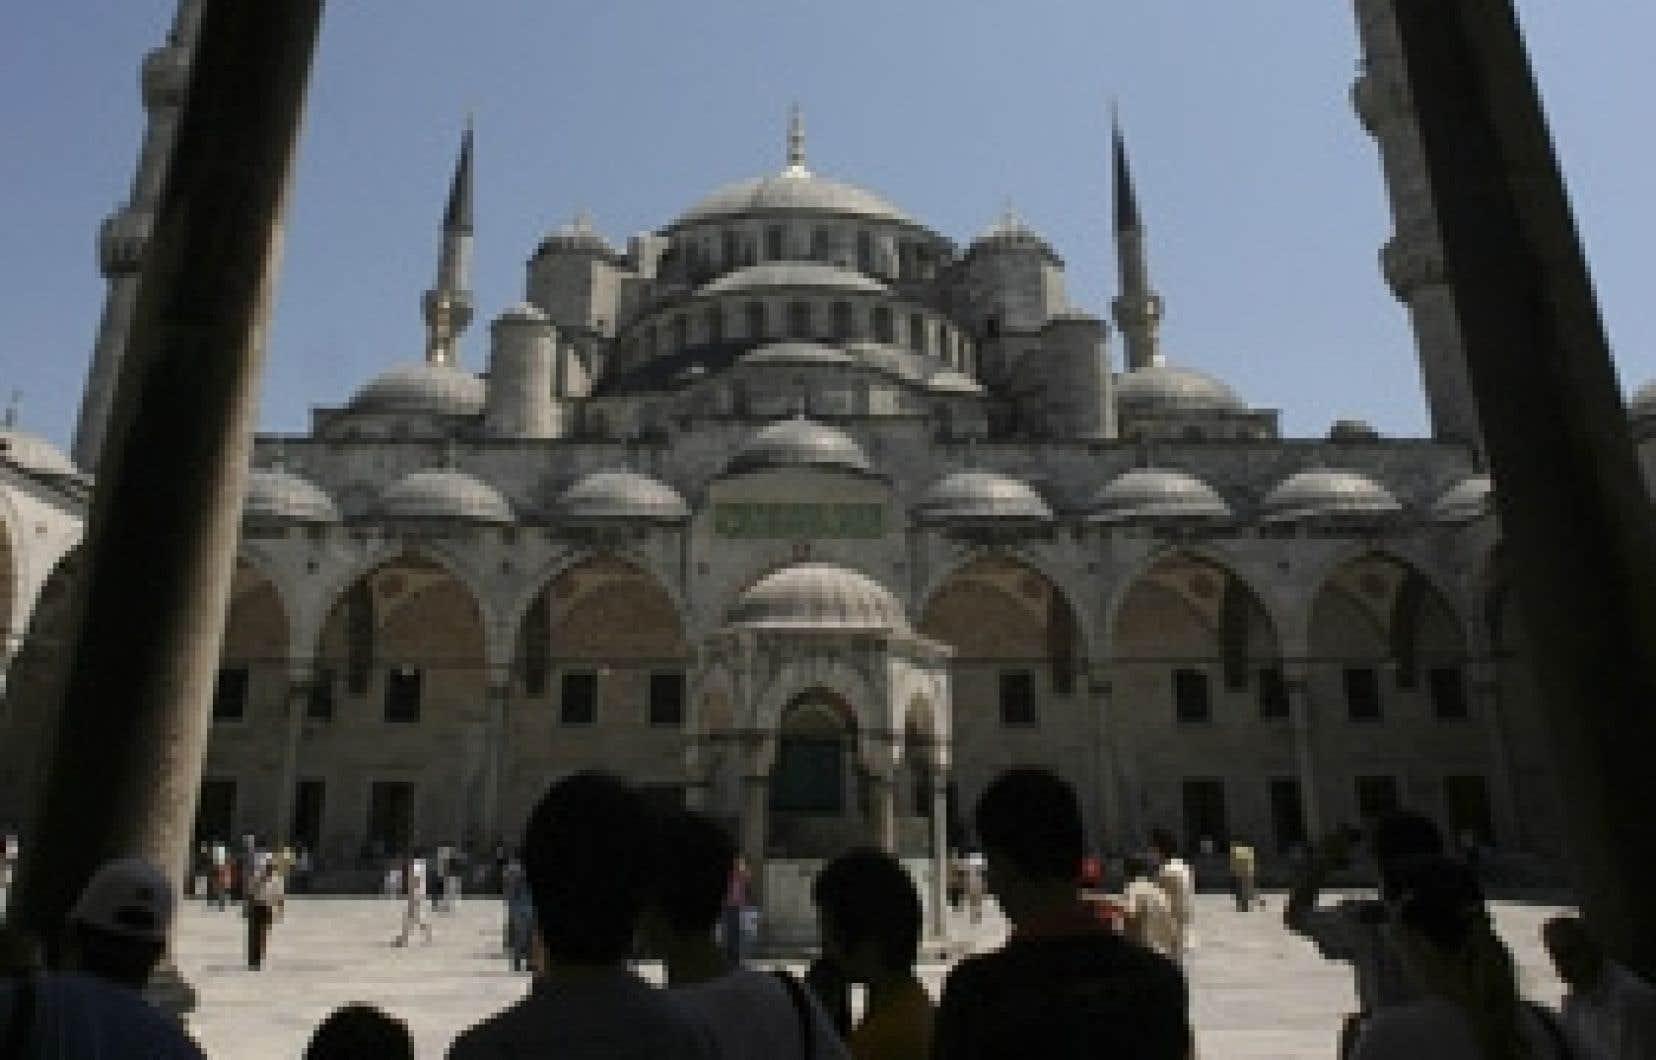 Des touristes devant la Mosquée bleue à Istanbul, en Turquie.